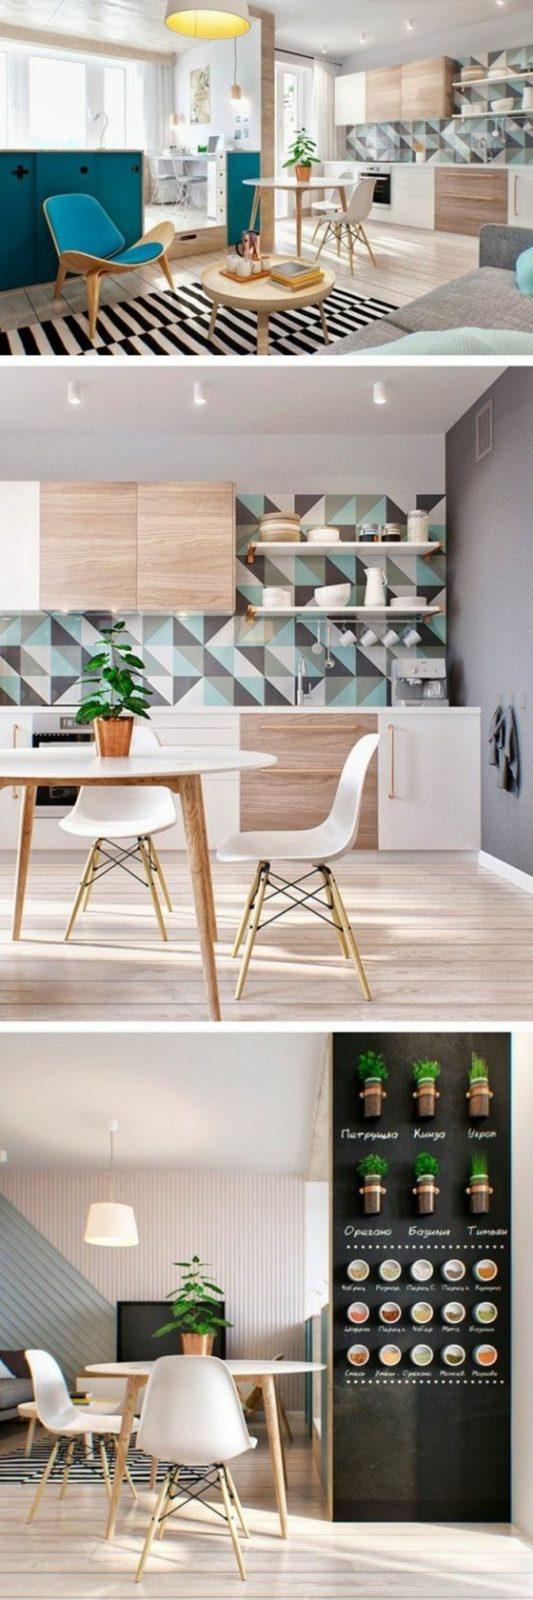 ▷ 1001+ Wunderschöne Ideen Wie Sie Ihre Küche Dekorieren Können von Deko Ideen Küche Wand Bild